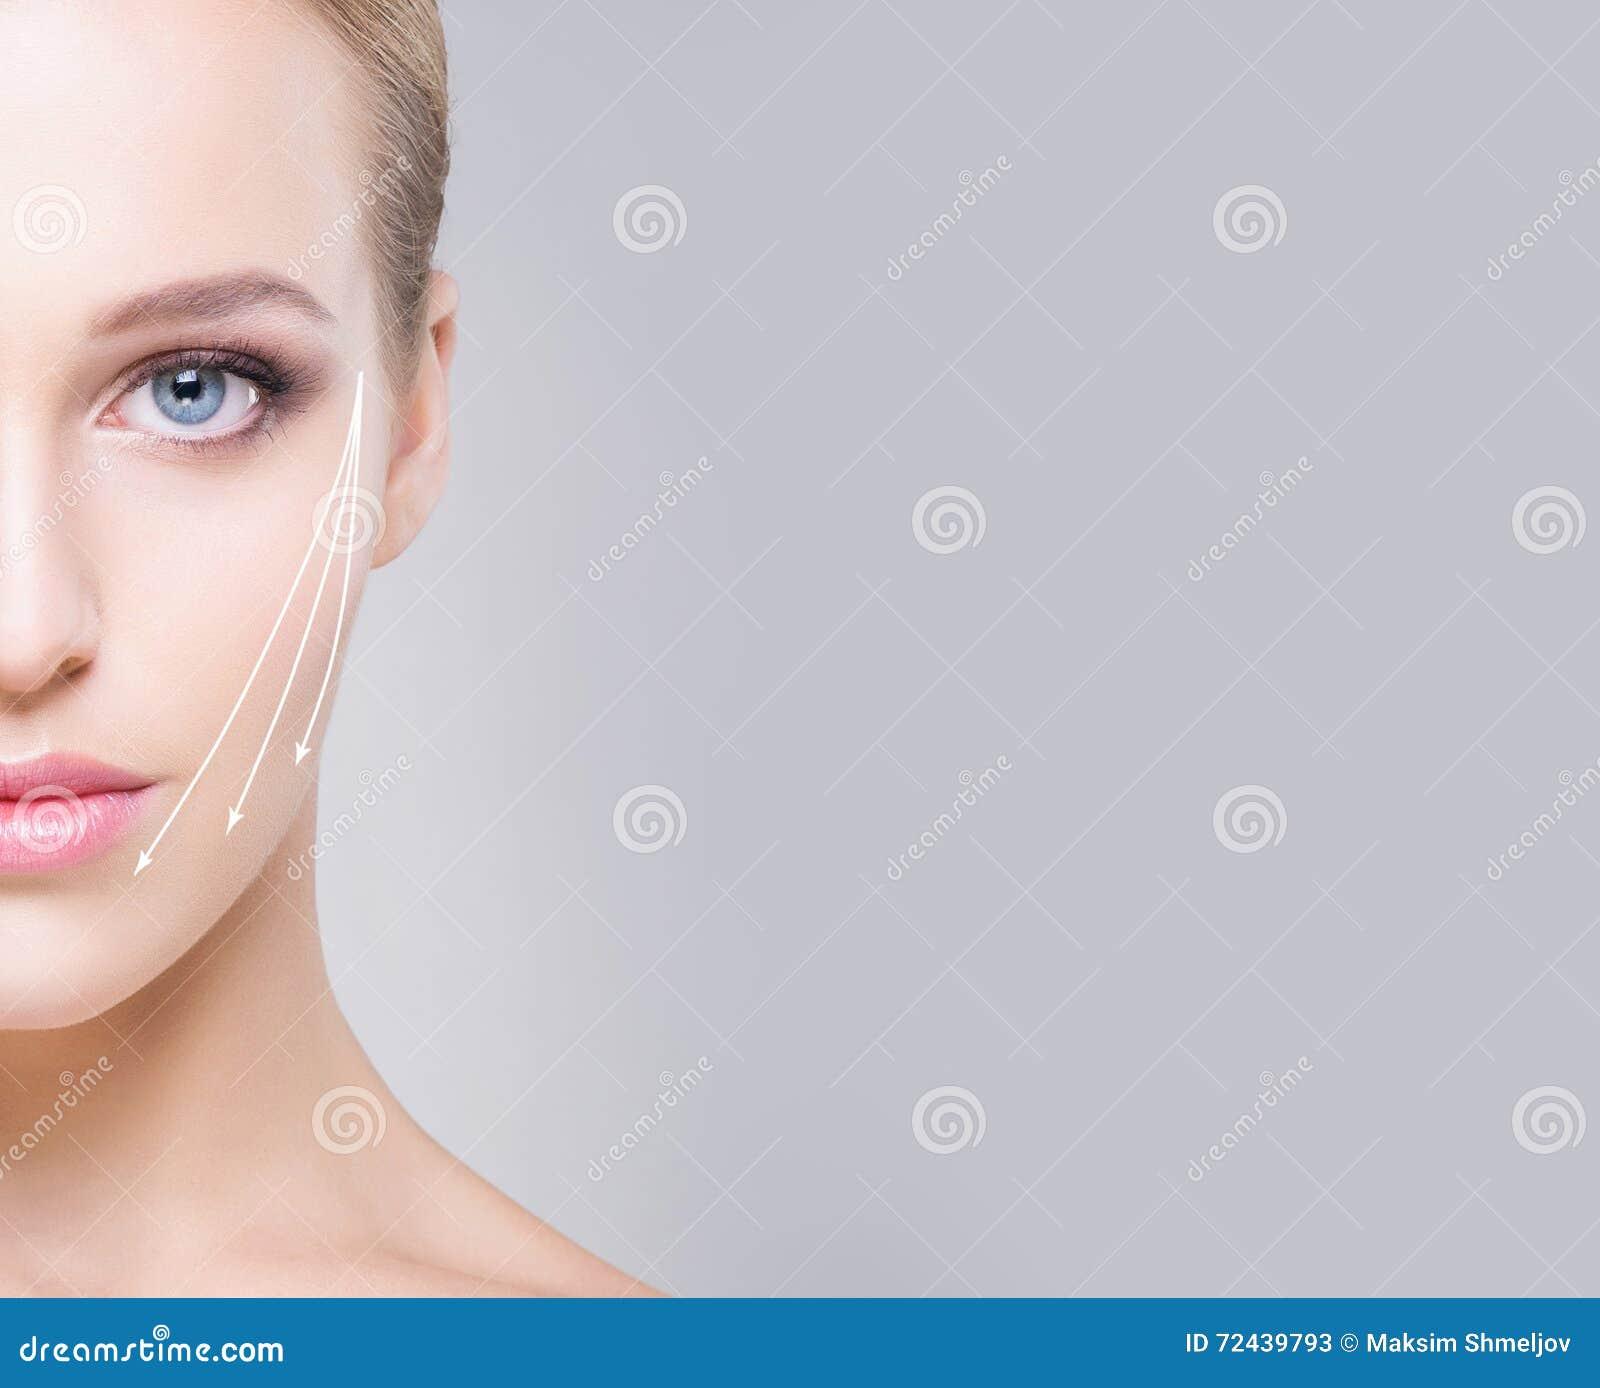 Mezzo ritratto del fronte della ragazza attraente con i bei occhi azzurri a